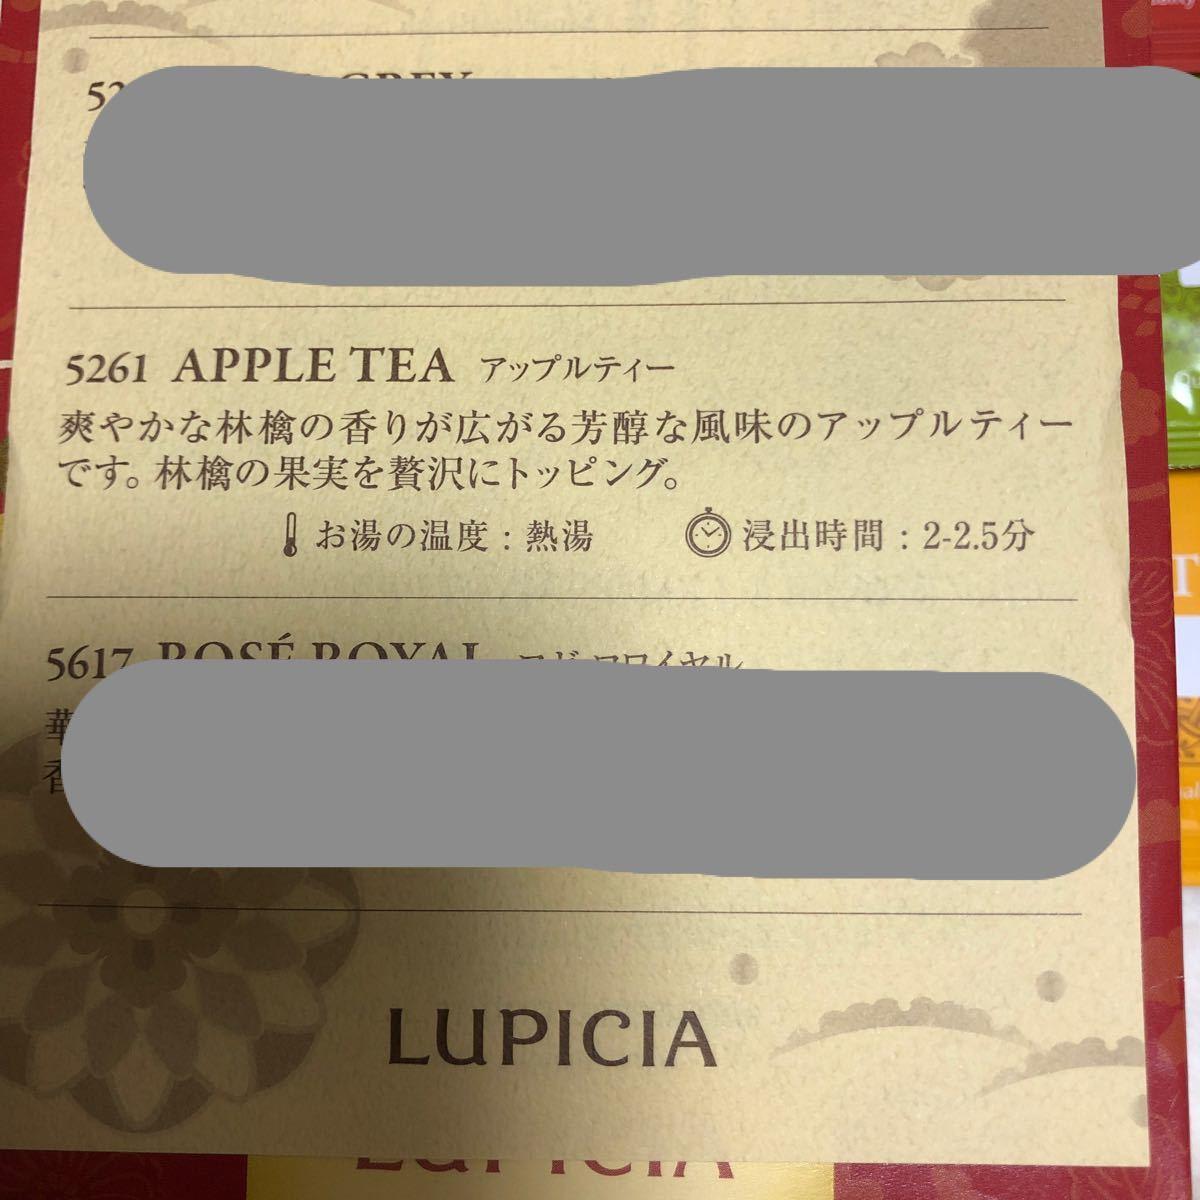 ルピシア 人気のお茶ティーパック8個